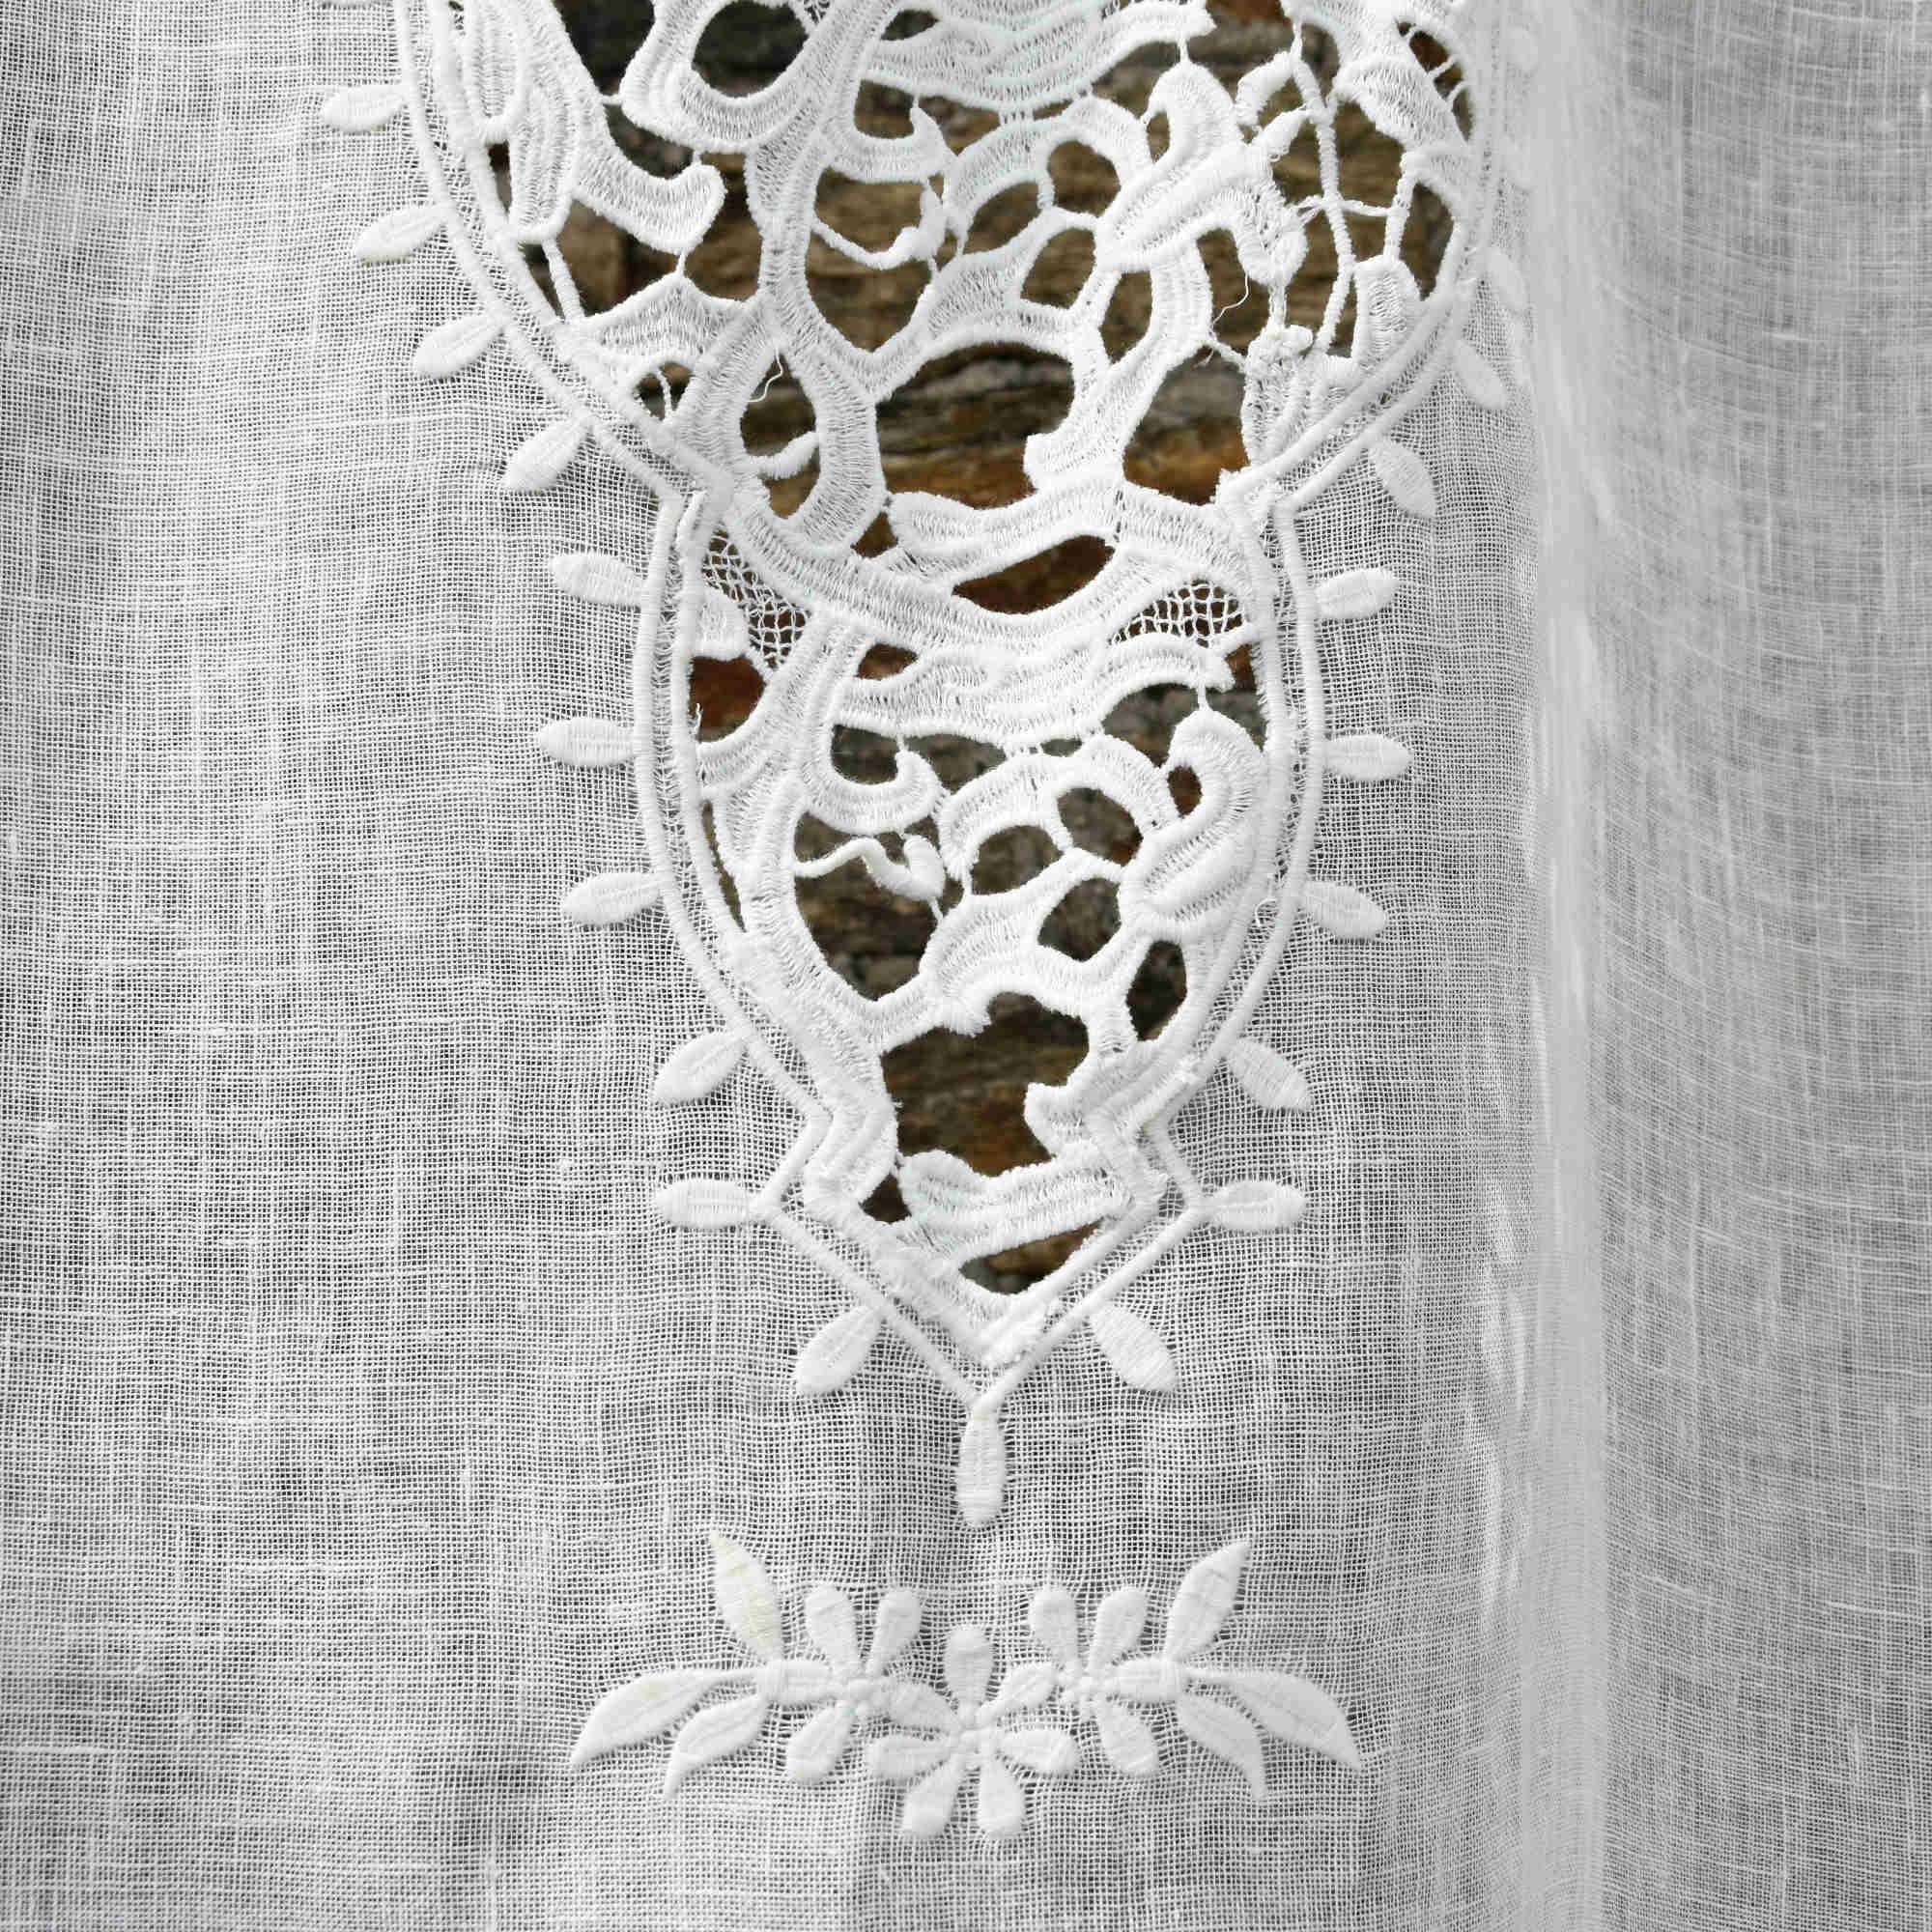 rideau paris gaze de lin lave blanc bords noirs maison d ete